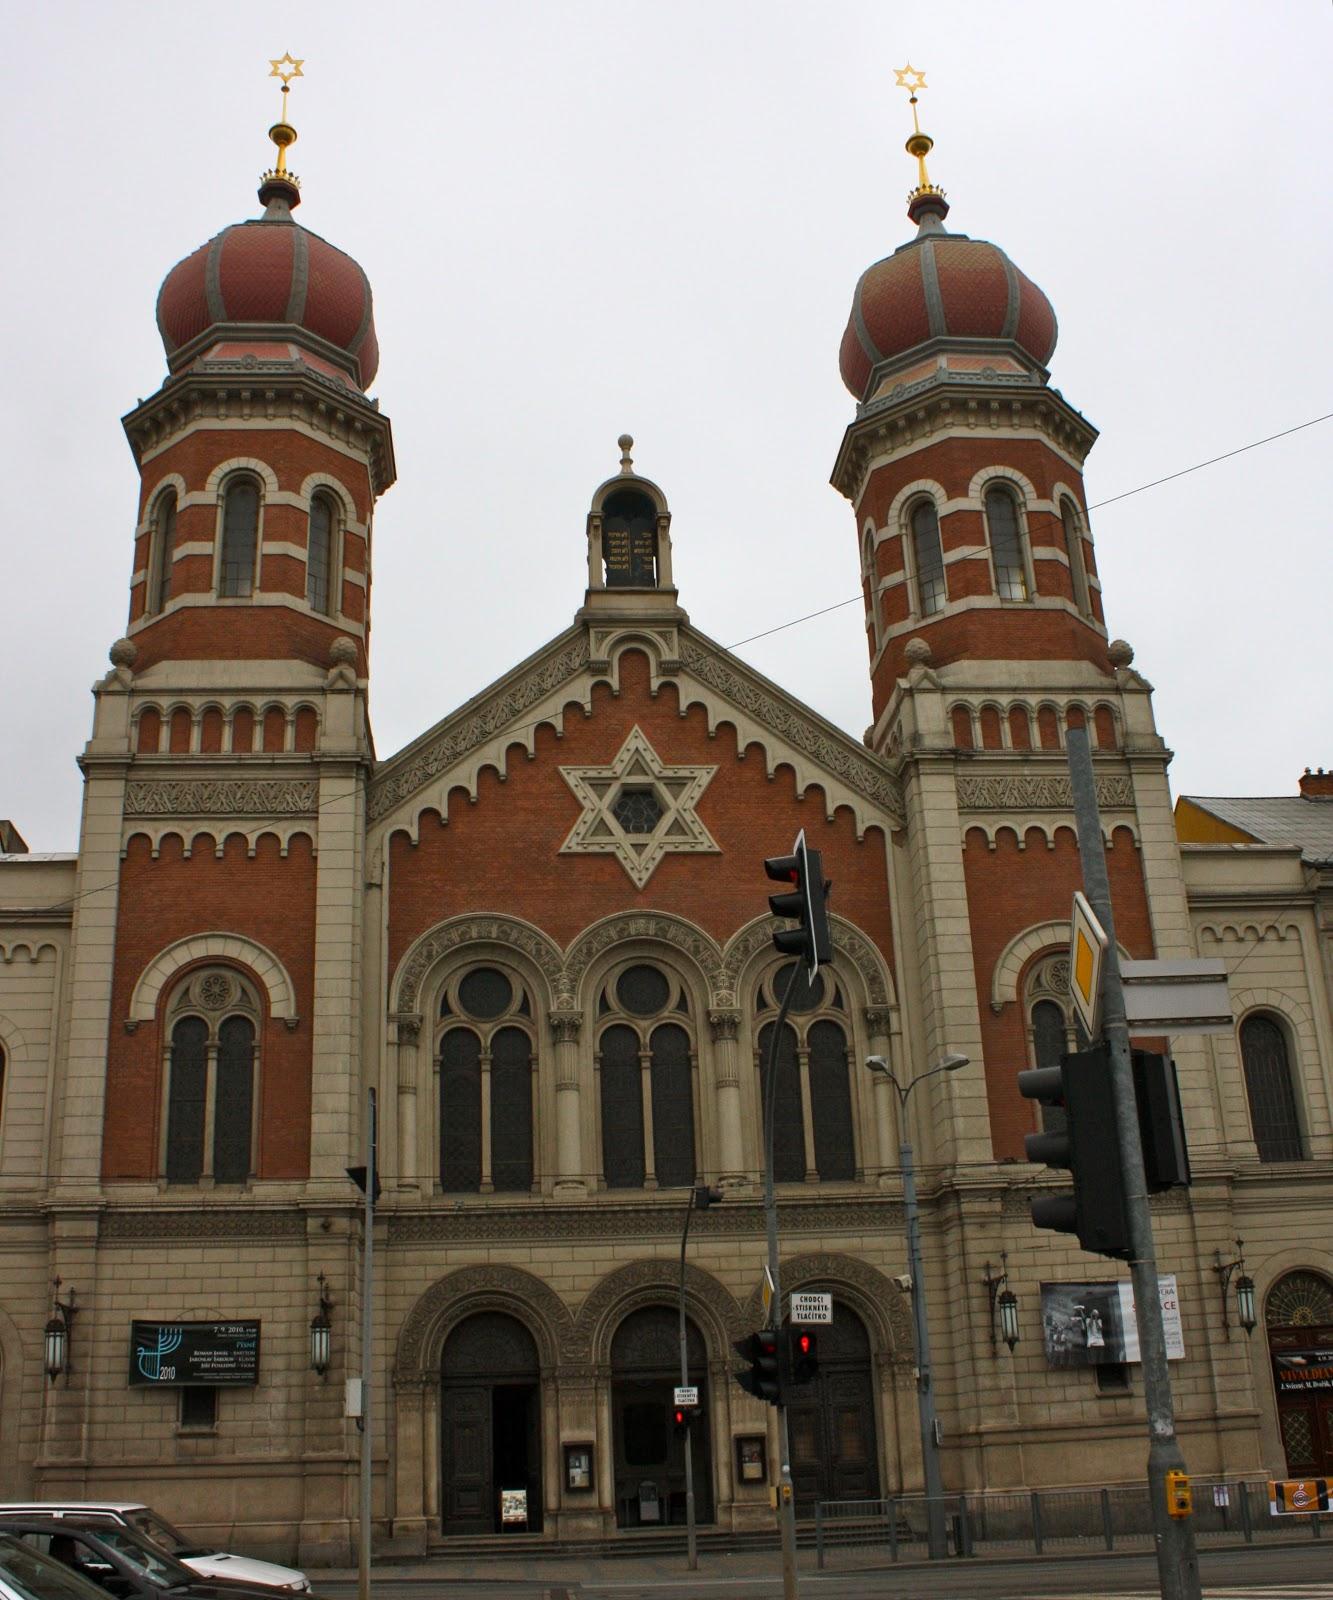 Ashlocks in Nußloch: One Great Synagogue